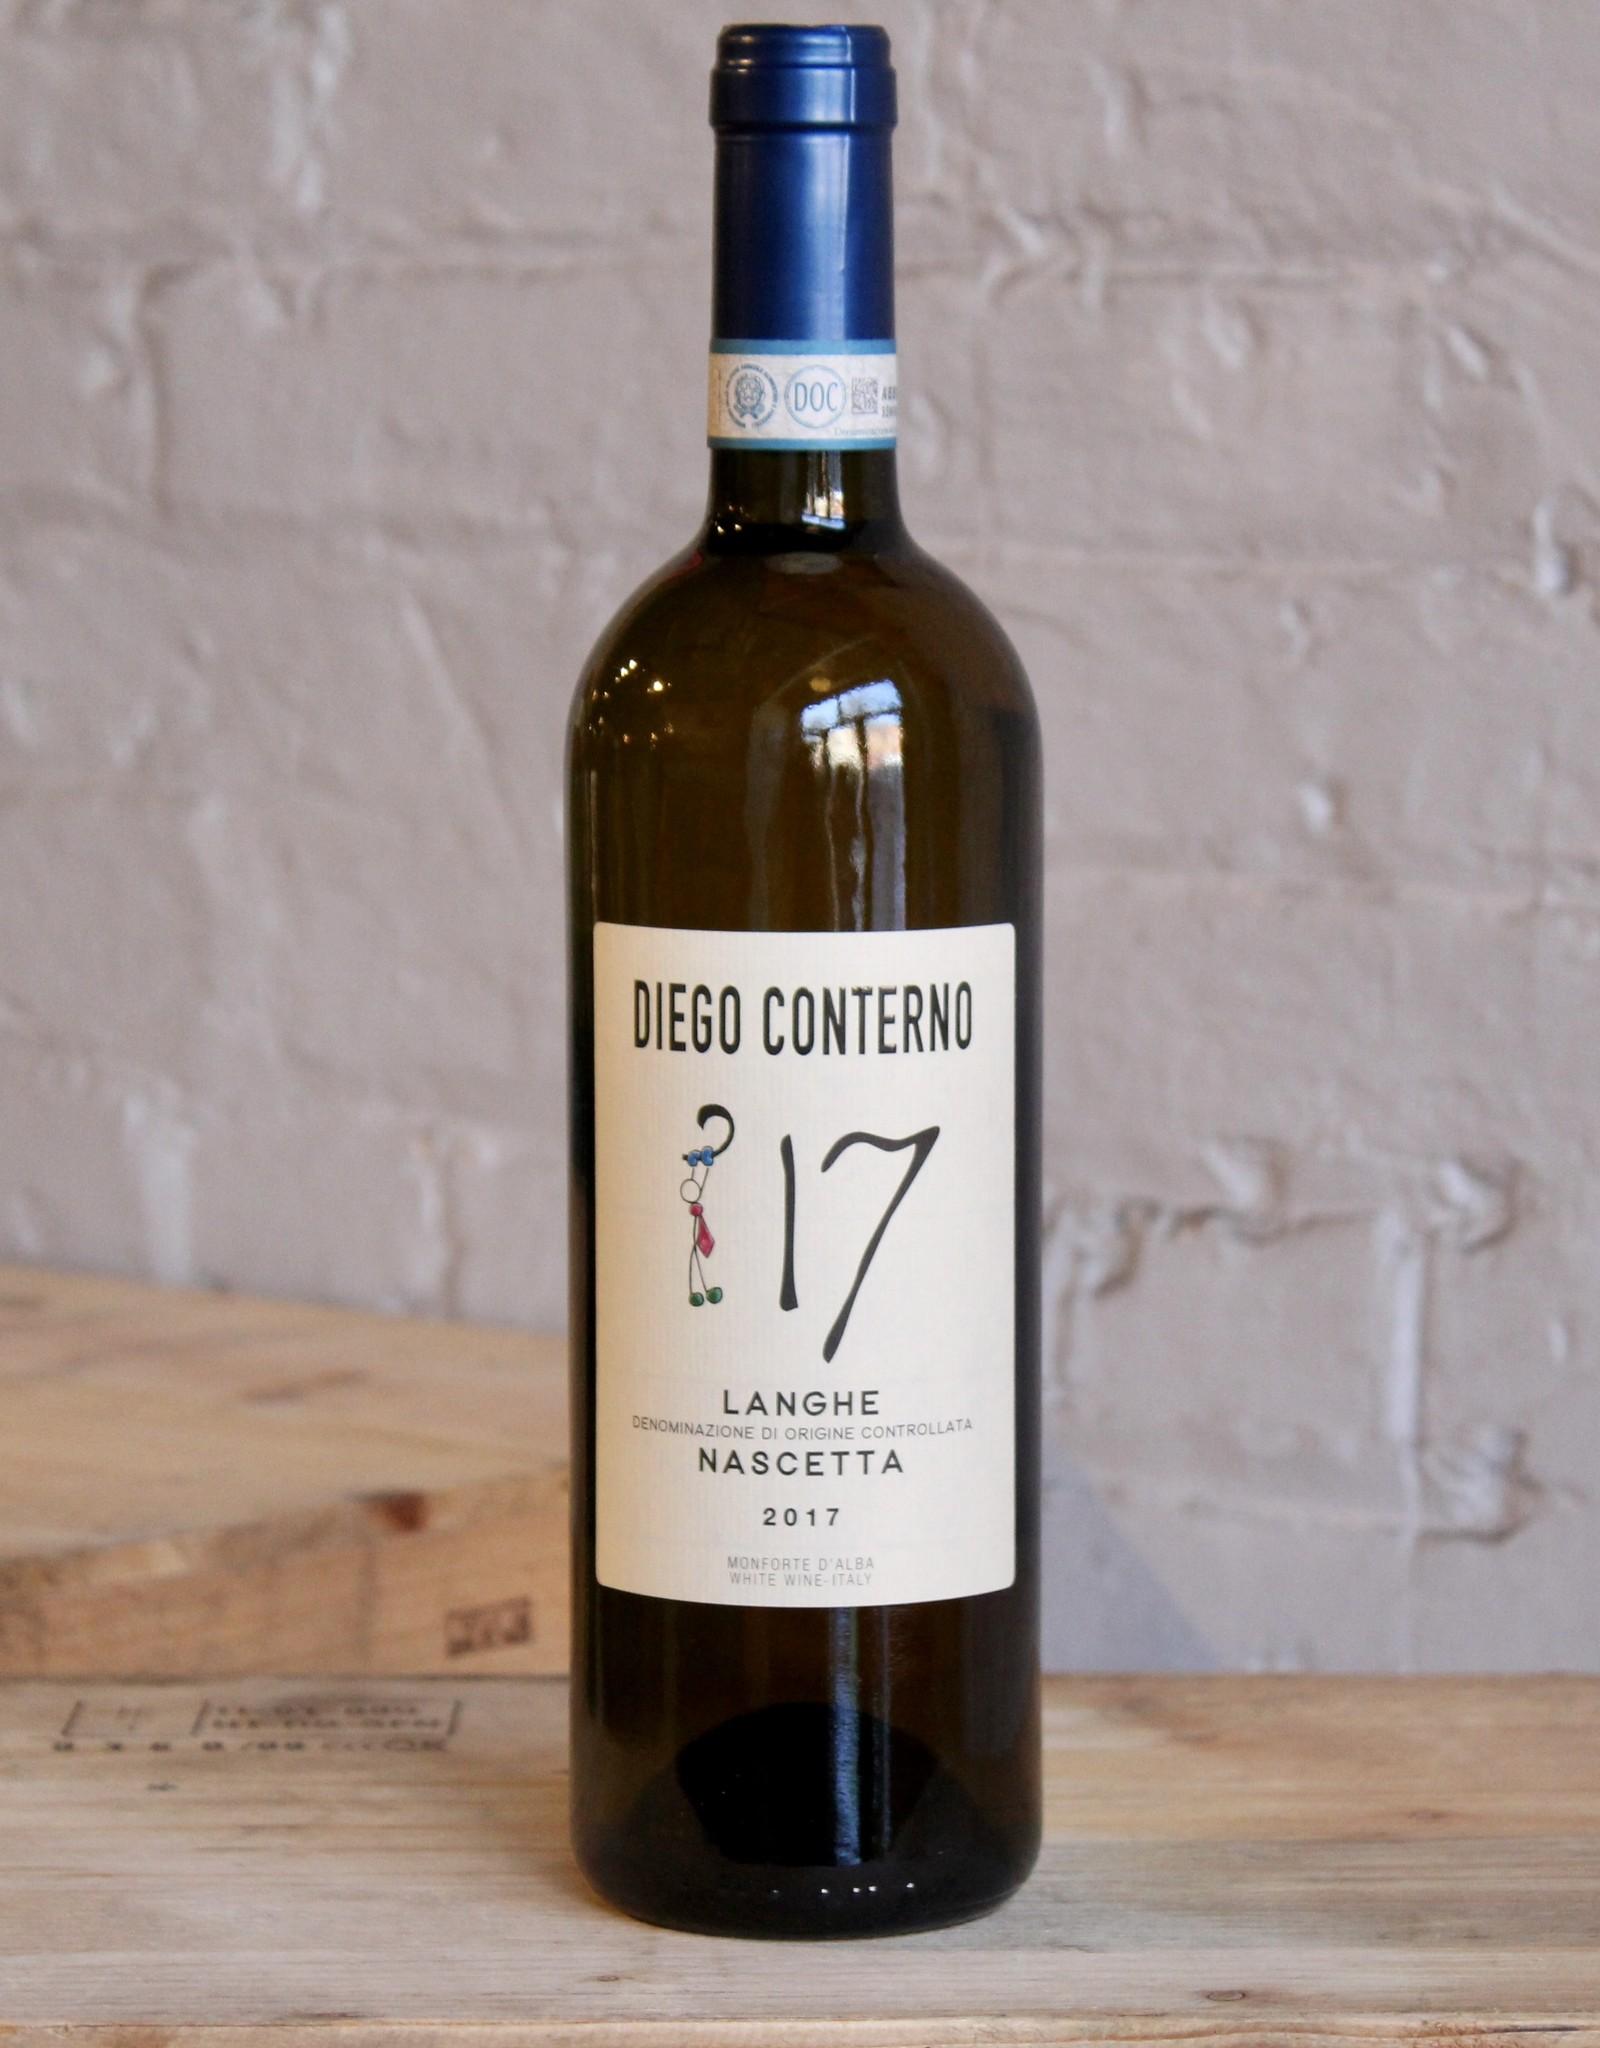 Wine 2017 Diego Conterno Langhe Bianco Nascetta - Piedmont, Italy (750ml)